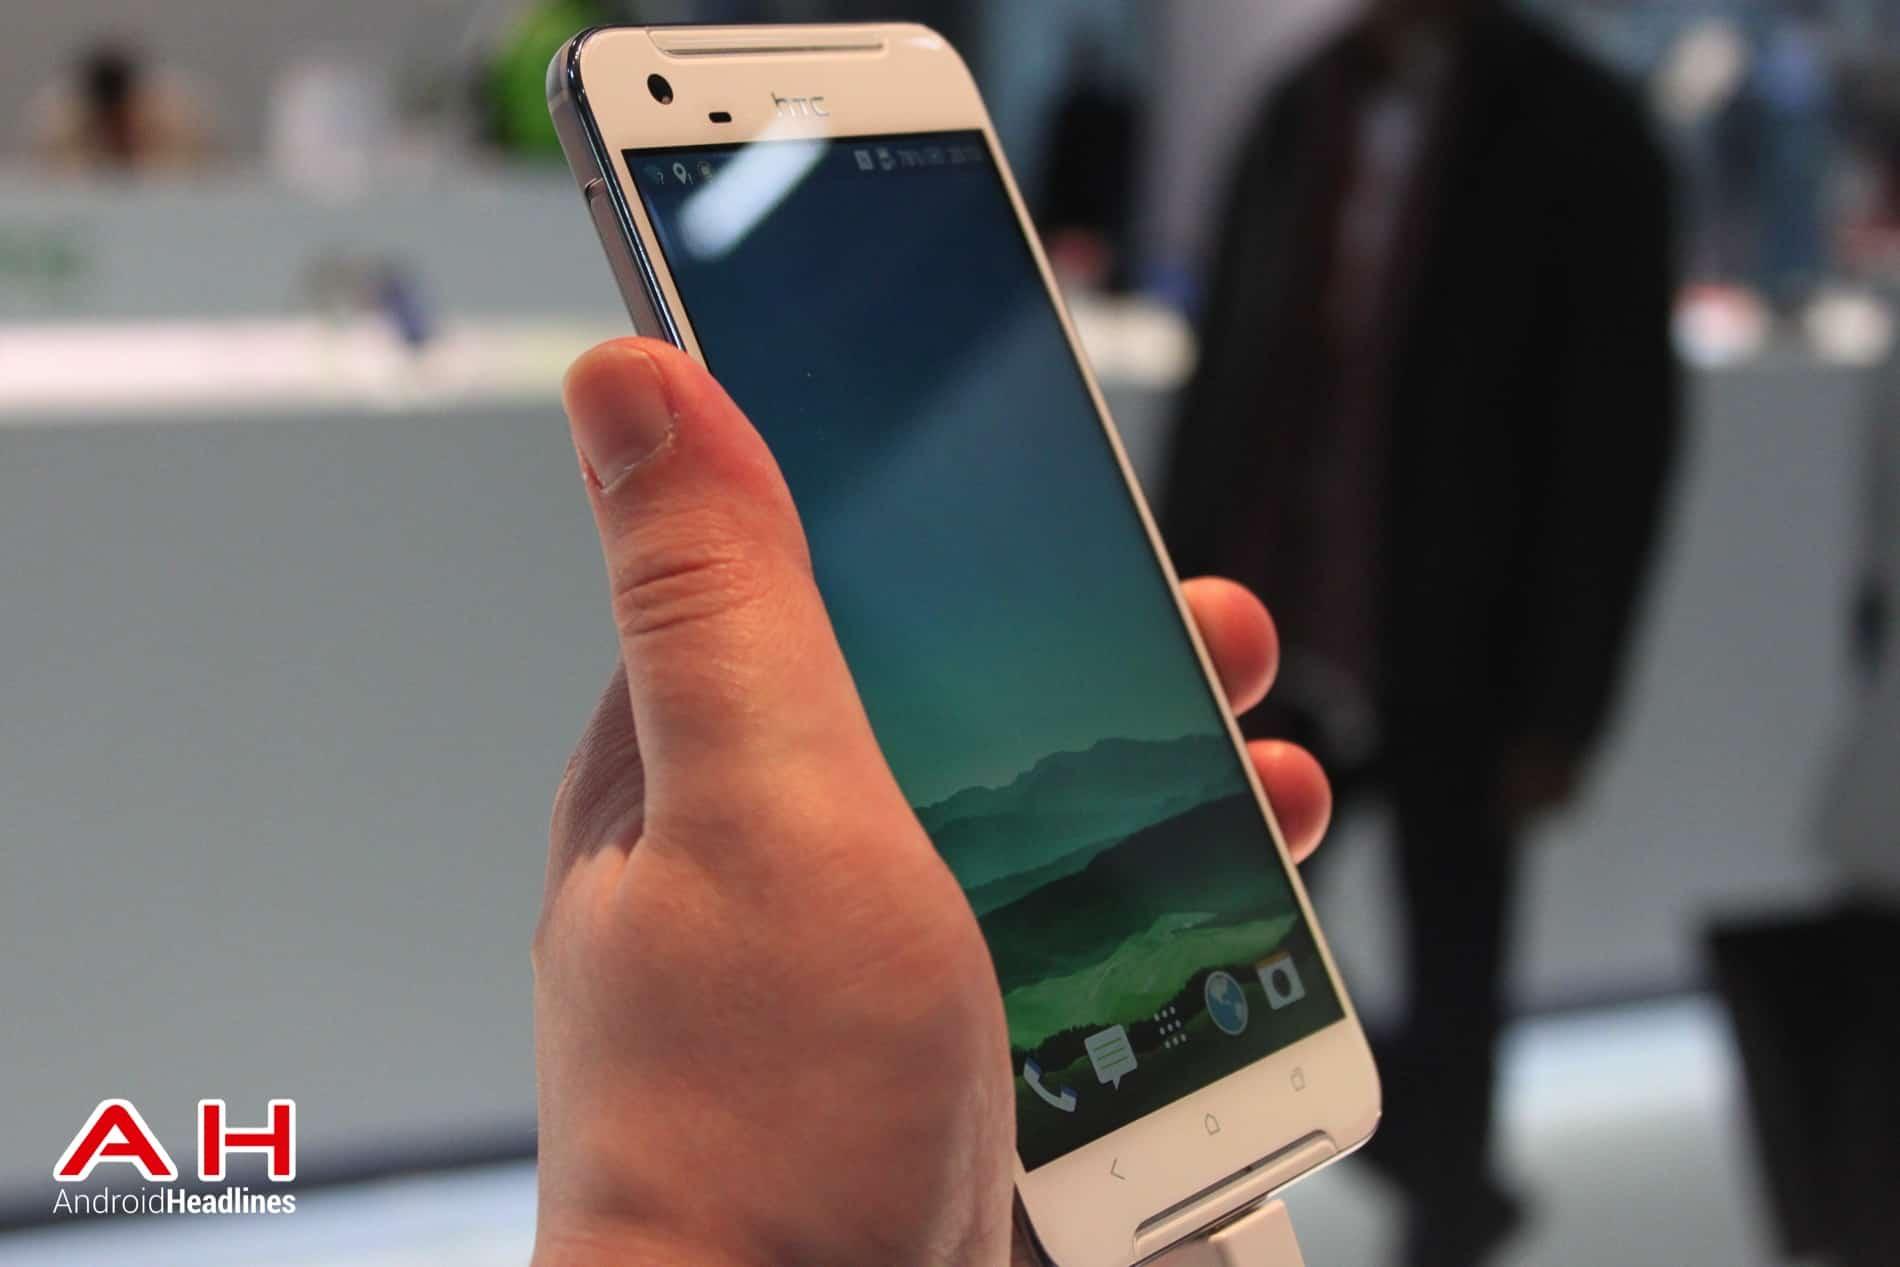 HTC One X9 MWC AH 17